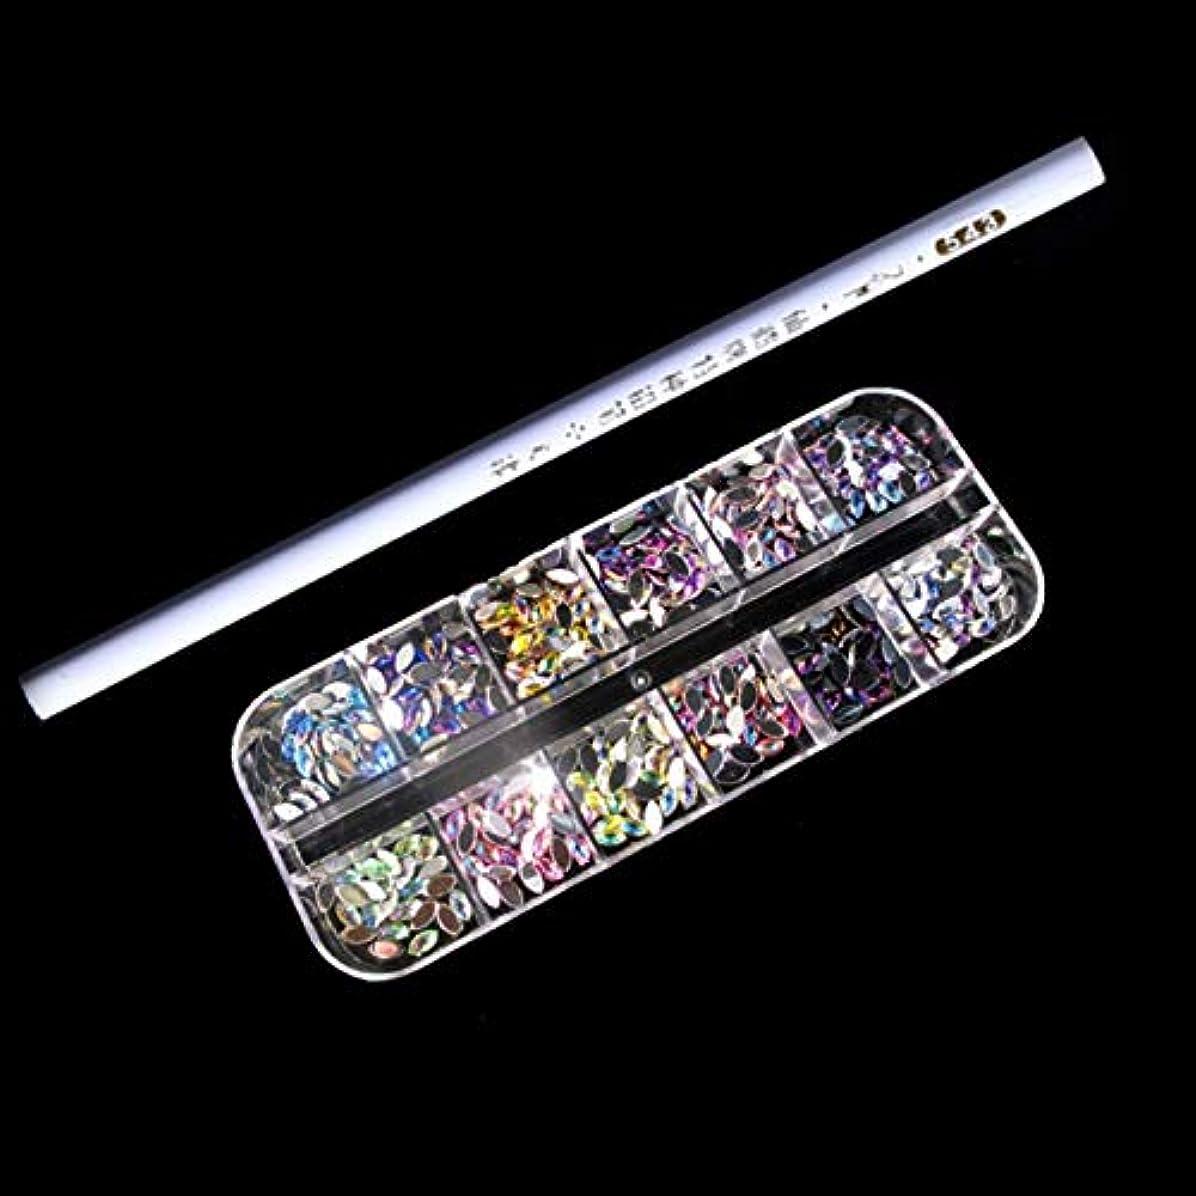 レプリカ微生物素晴らしい良い多くのOU-Kunmlef 甘い3 Dグリッターネイルラインストーンクリスタルビーズスタッド&ネイルピッカーペンツールネイルアートデコレーションセット(None Horsehole drill OT-0880)